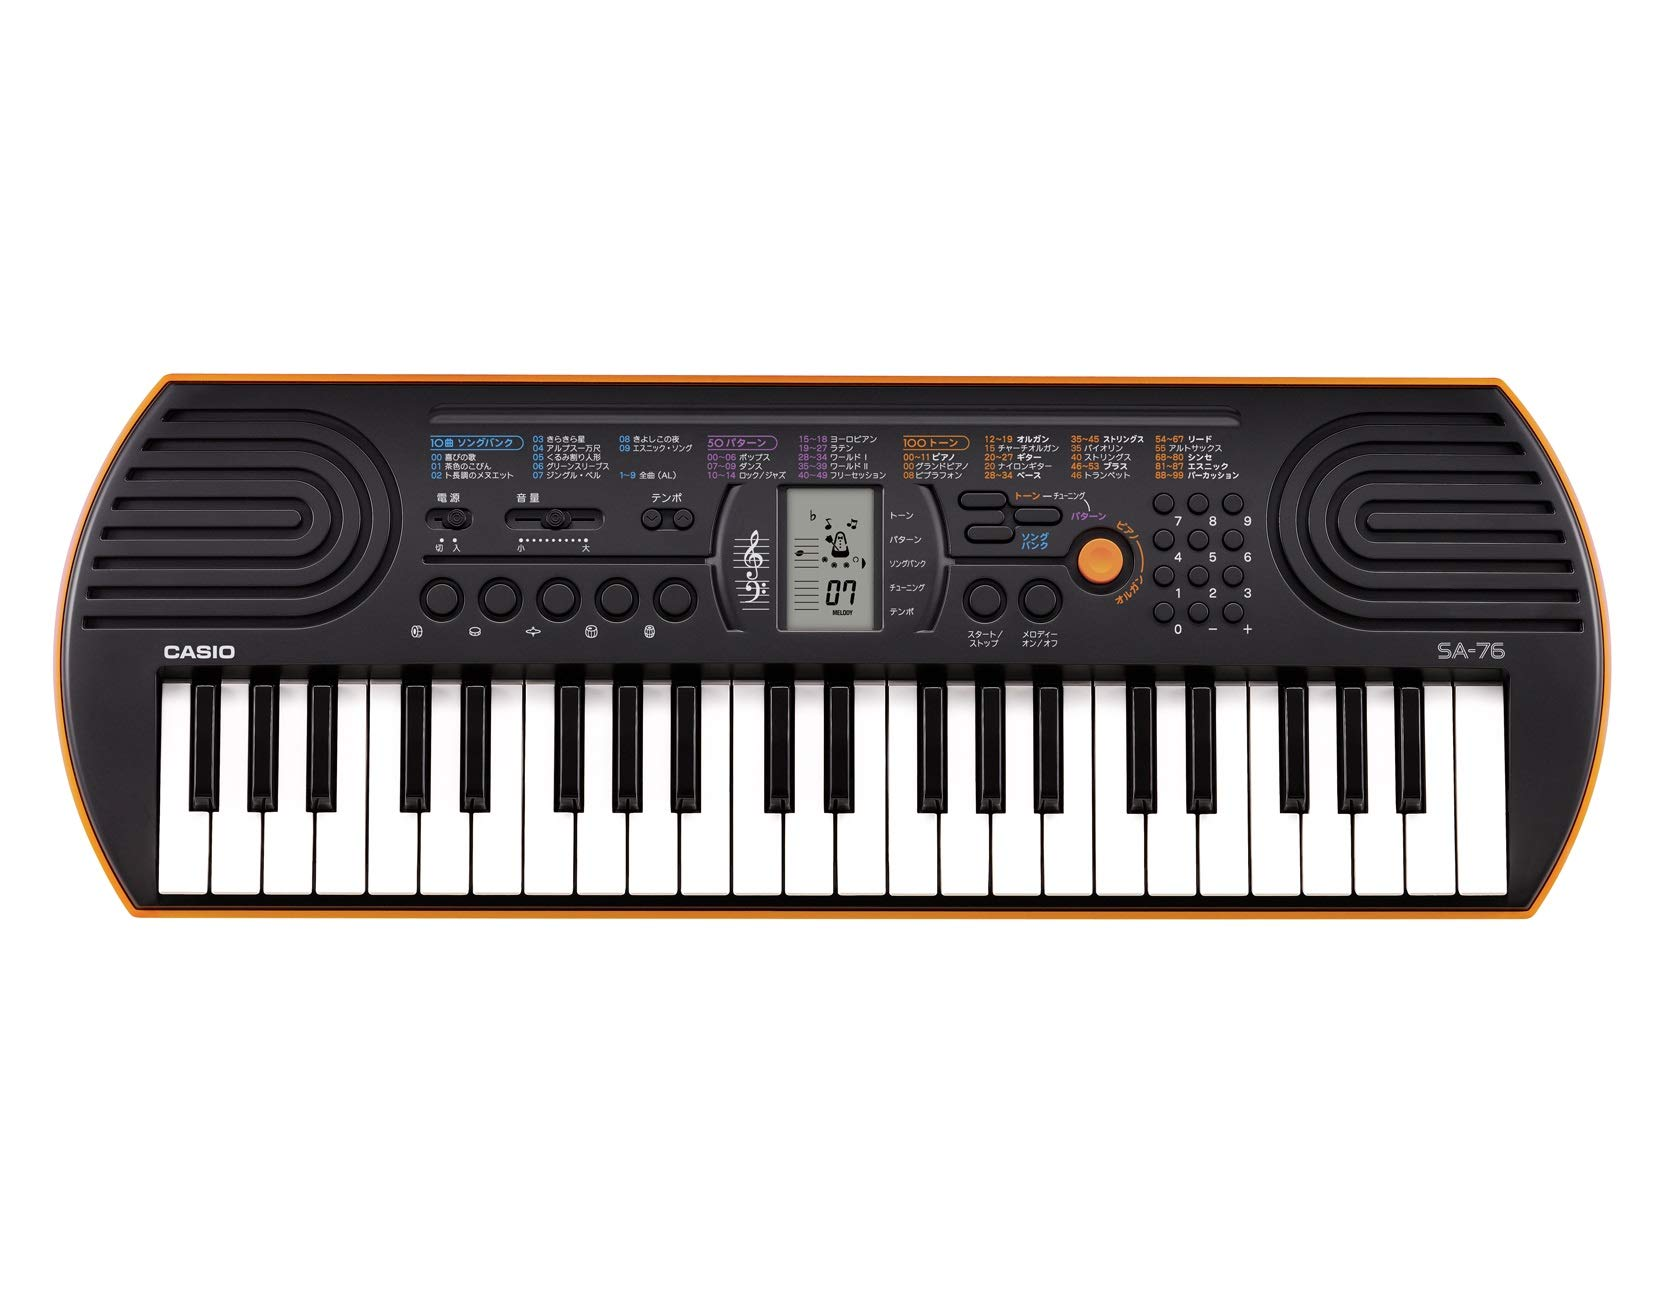 Casio 781071 SA-76 - Teclado electrónico (44 teclas mini, 100 tonos, 50 ritmos), color negro: Amazon.es: Oficina y papelería